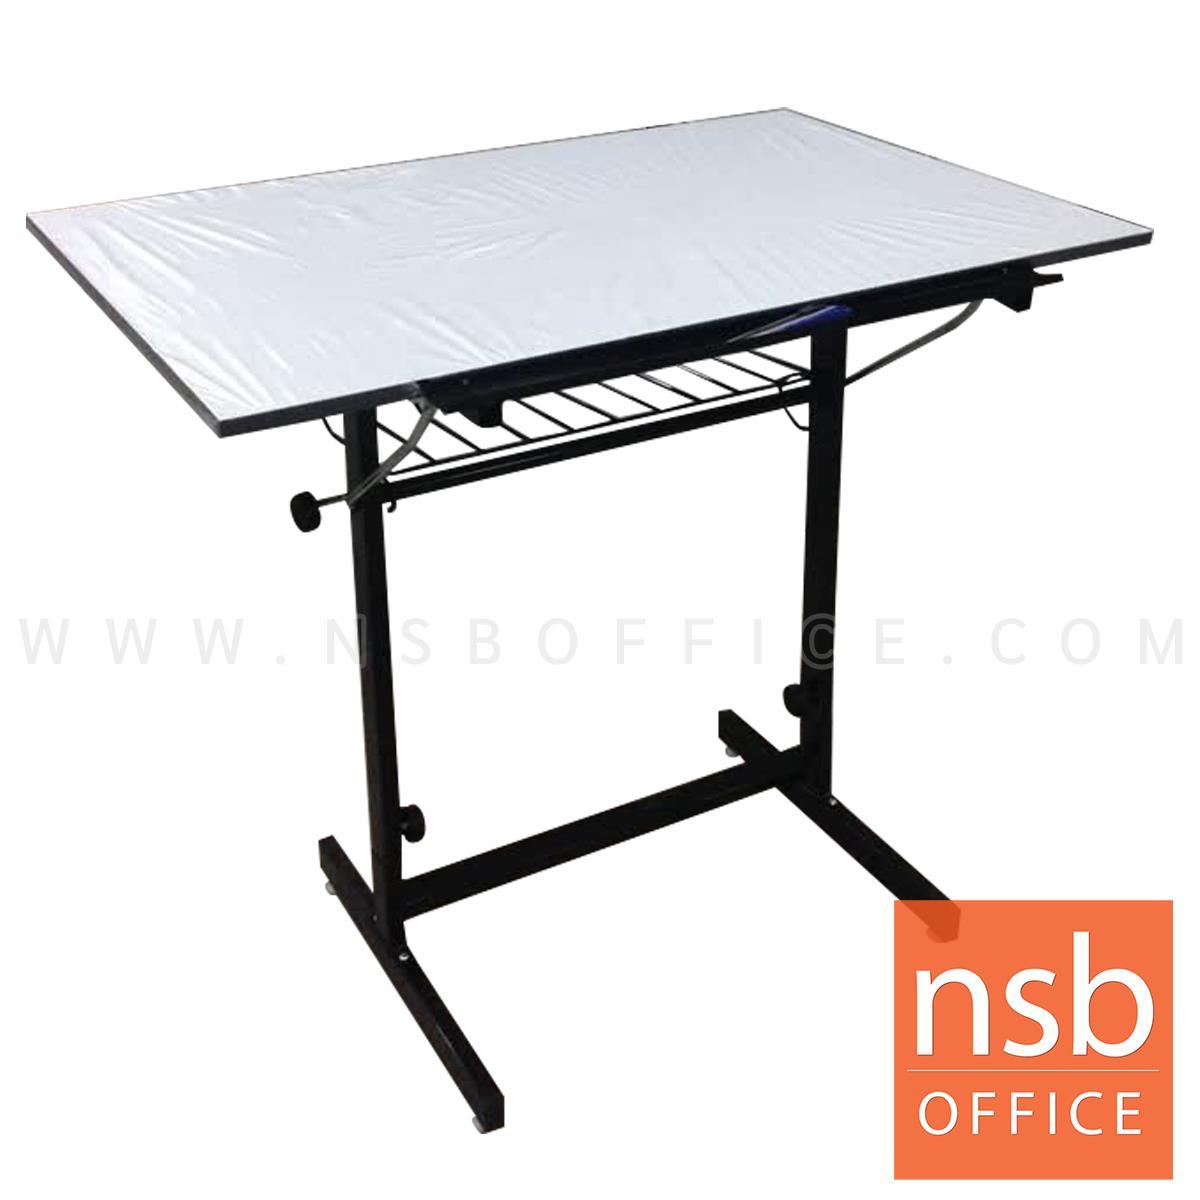 โต๊ะเขียนแบบ 80W*60D*95.3H cm. ปรับองศาได้ มีตะแกรงข้างใต้ รุ่น DT-6080